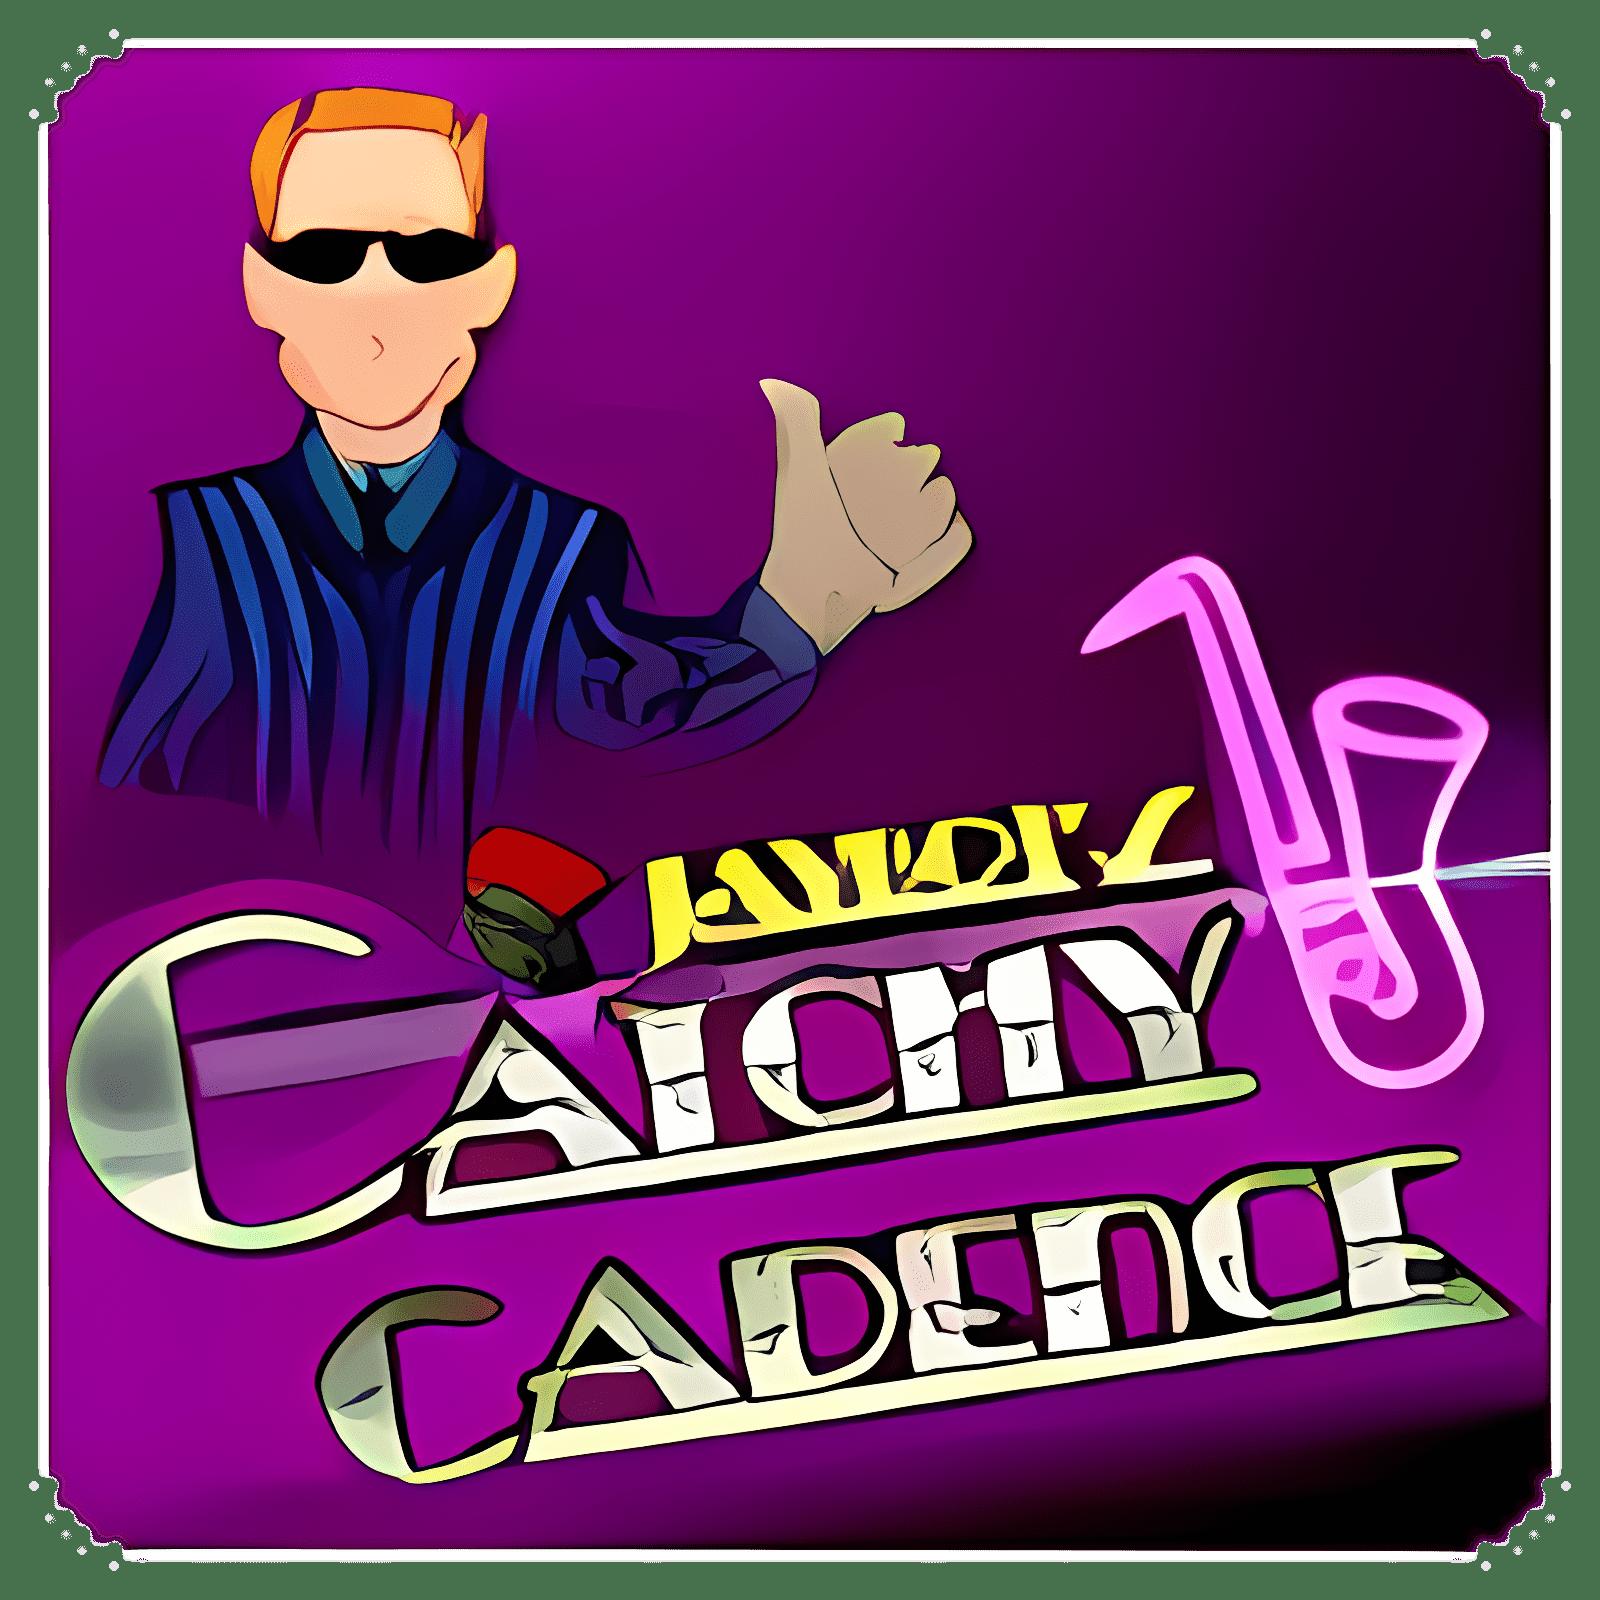 Catchy Cadence